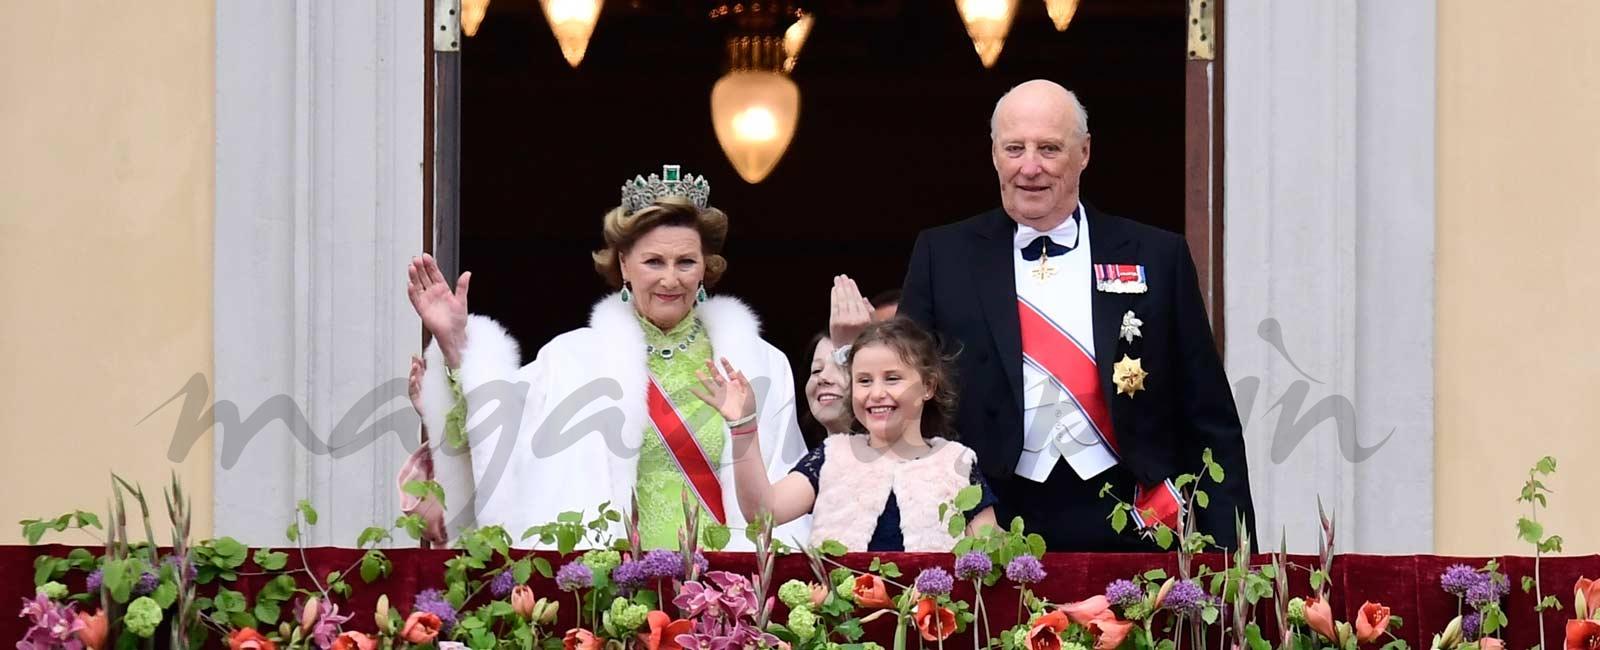 Los reyes Harald y Sonia de Noruega celebran su 80 cumpleaños